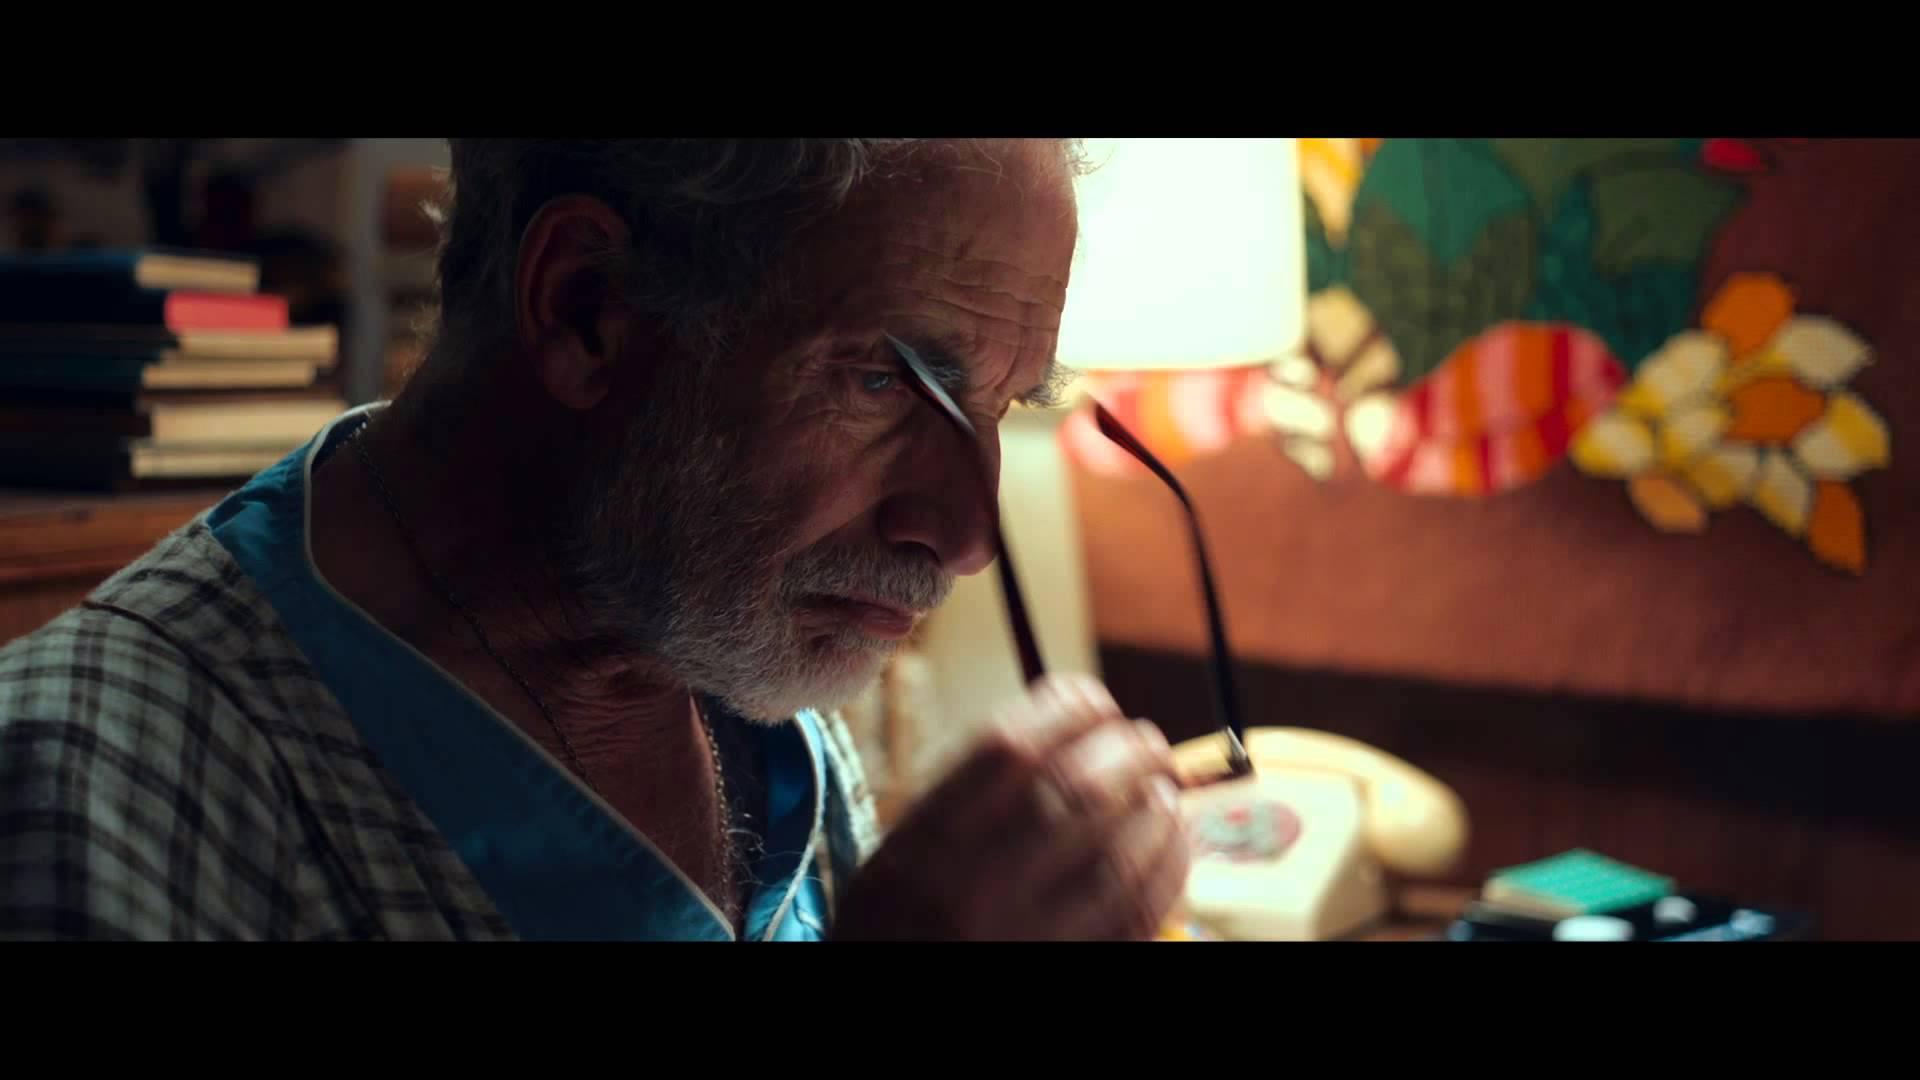 Mr. Kaplan Trailer